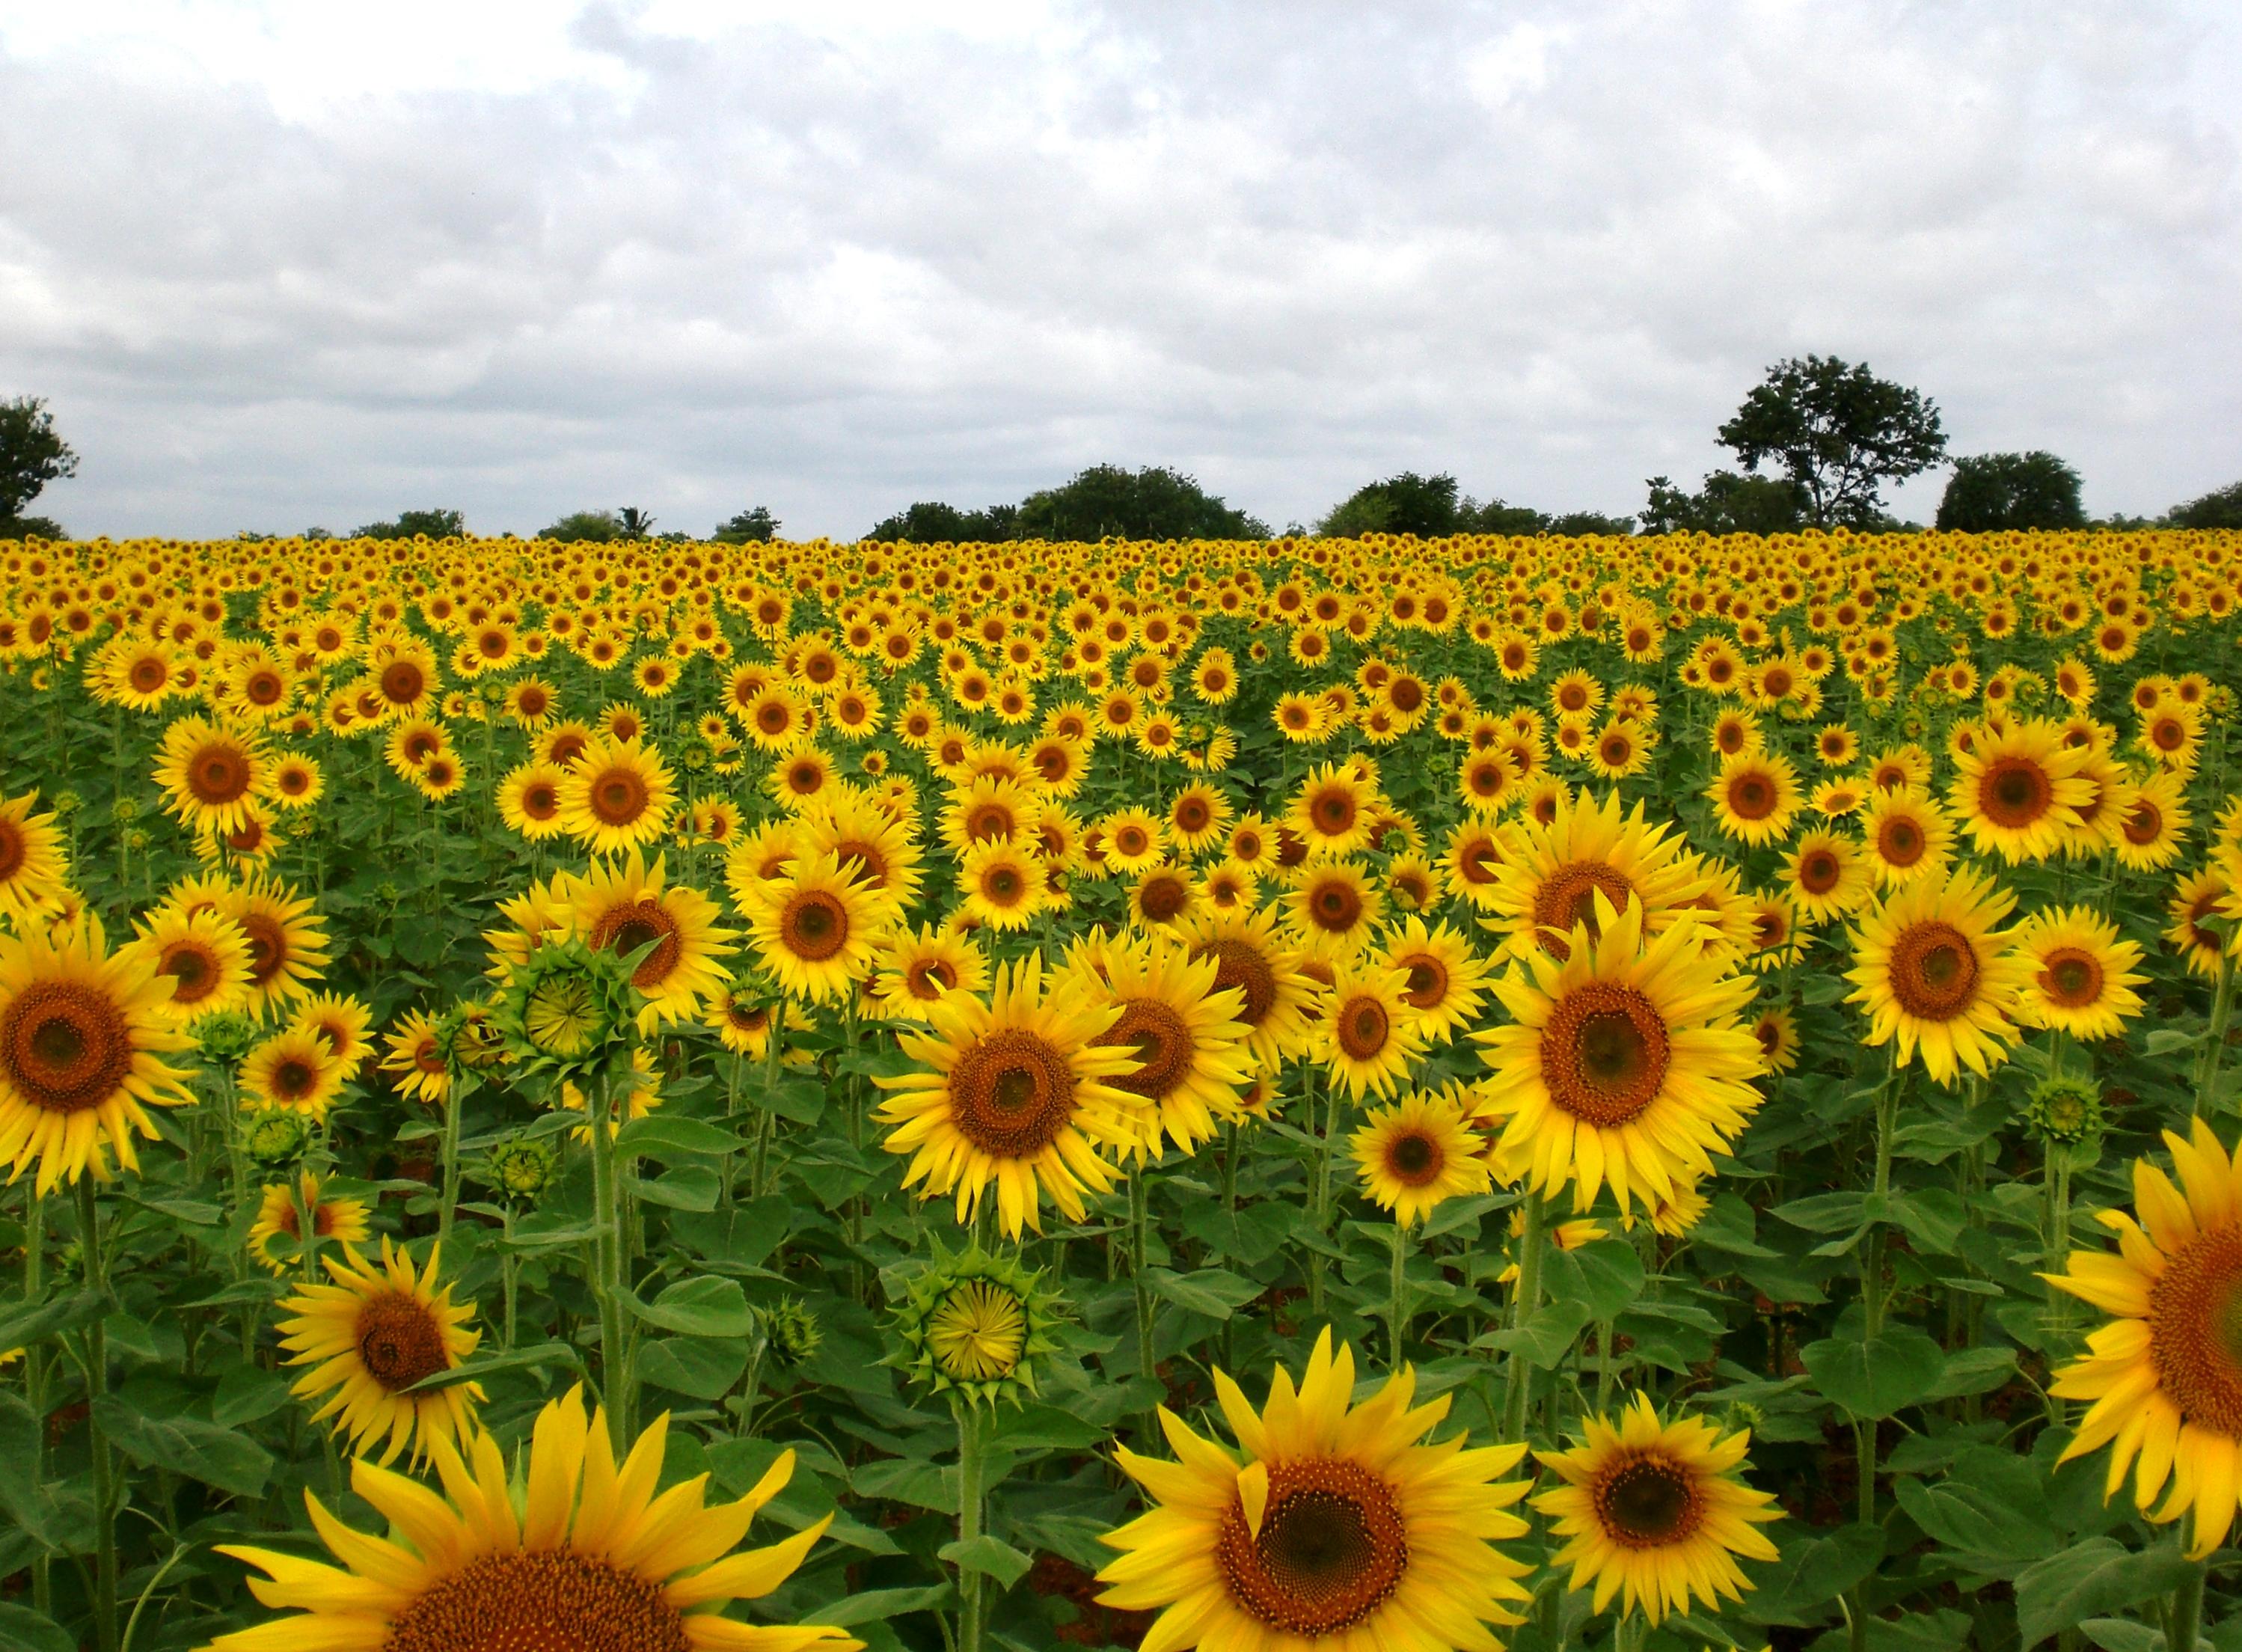 File:Sunflower Field near Raichur, India.jpg - Wikimedia ...